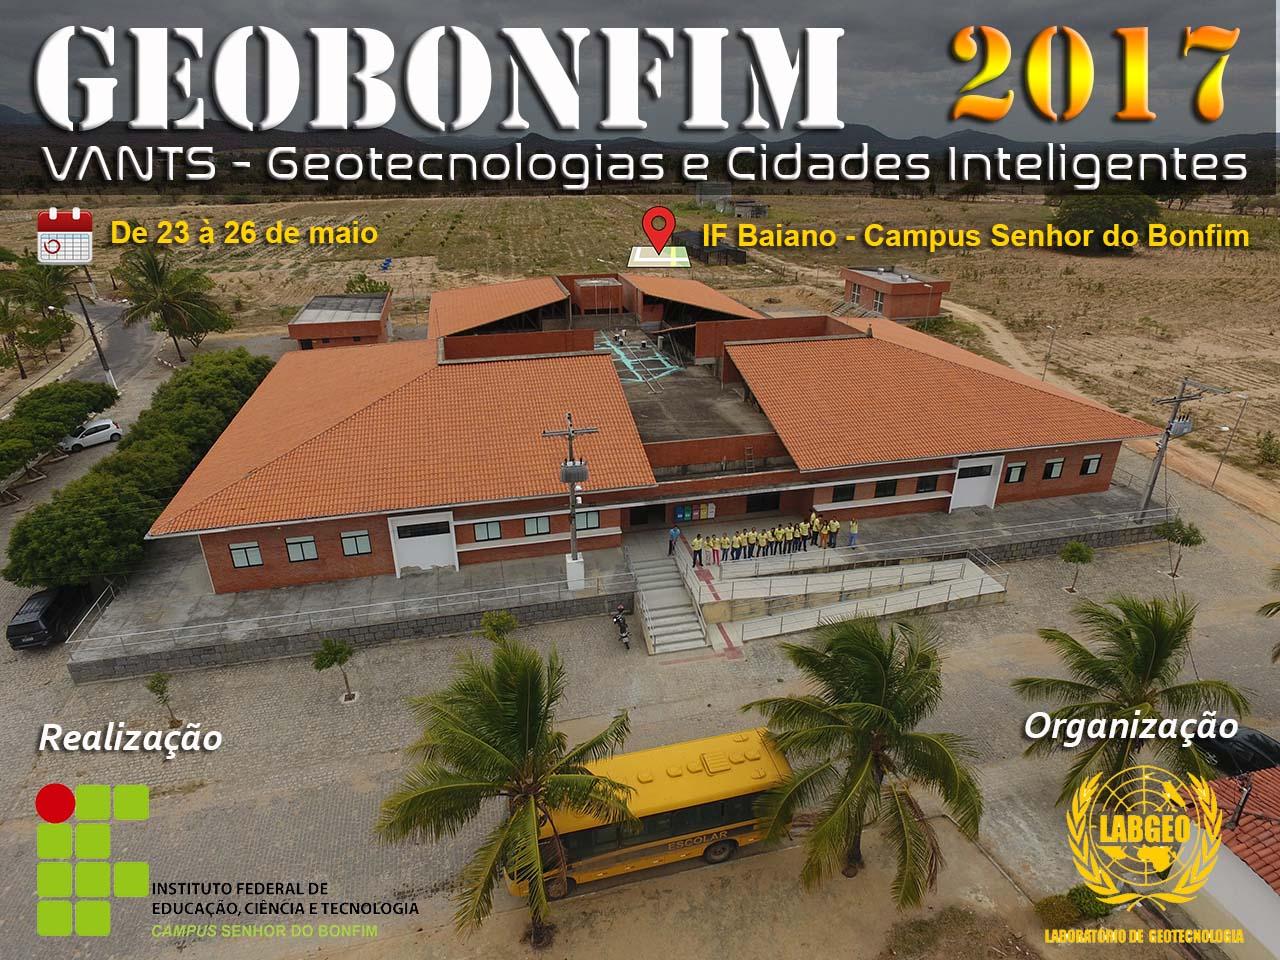 GeoBonfim 2017 já tem programação de palestras definida. Confira